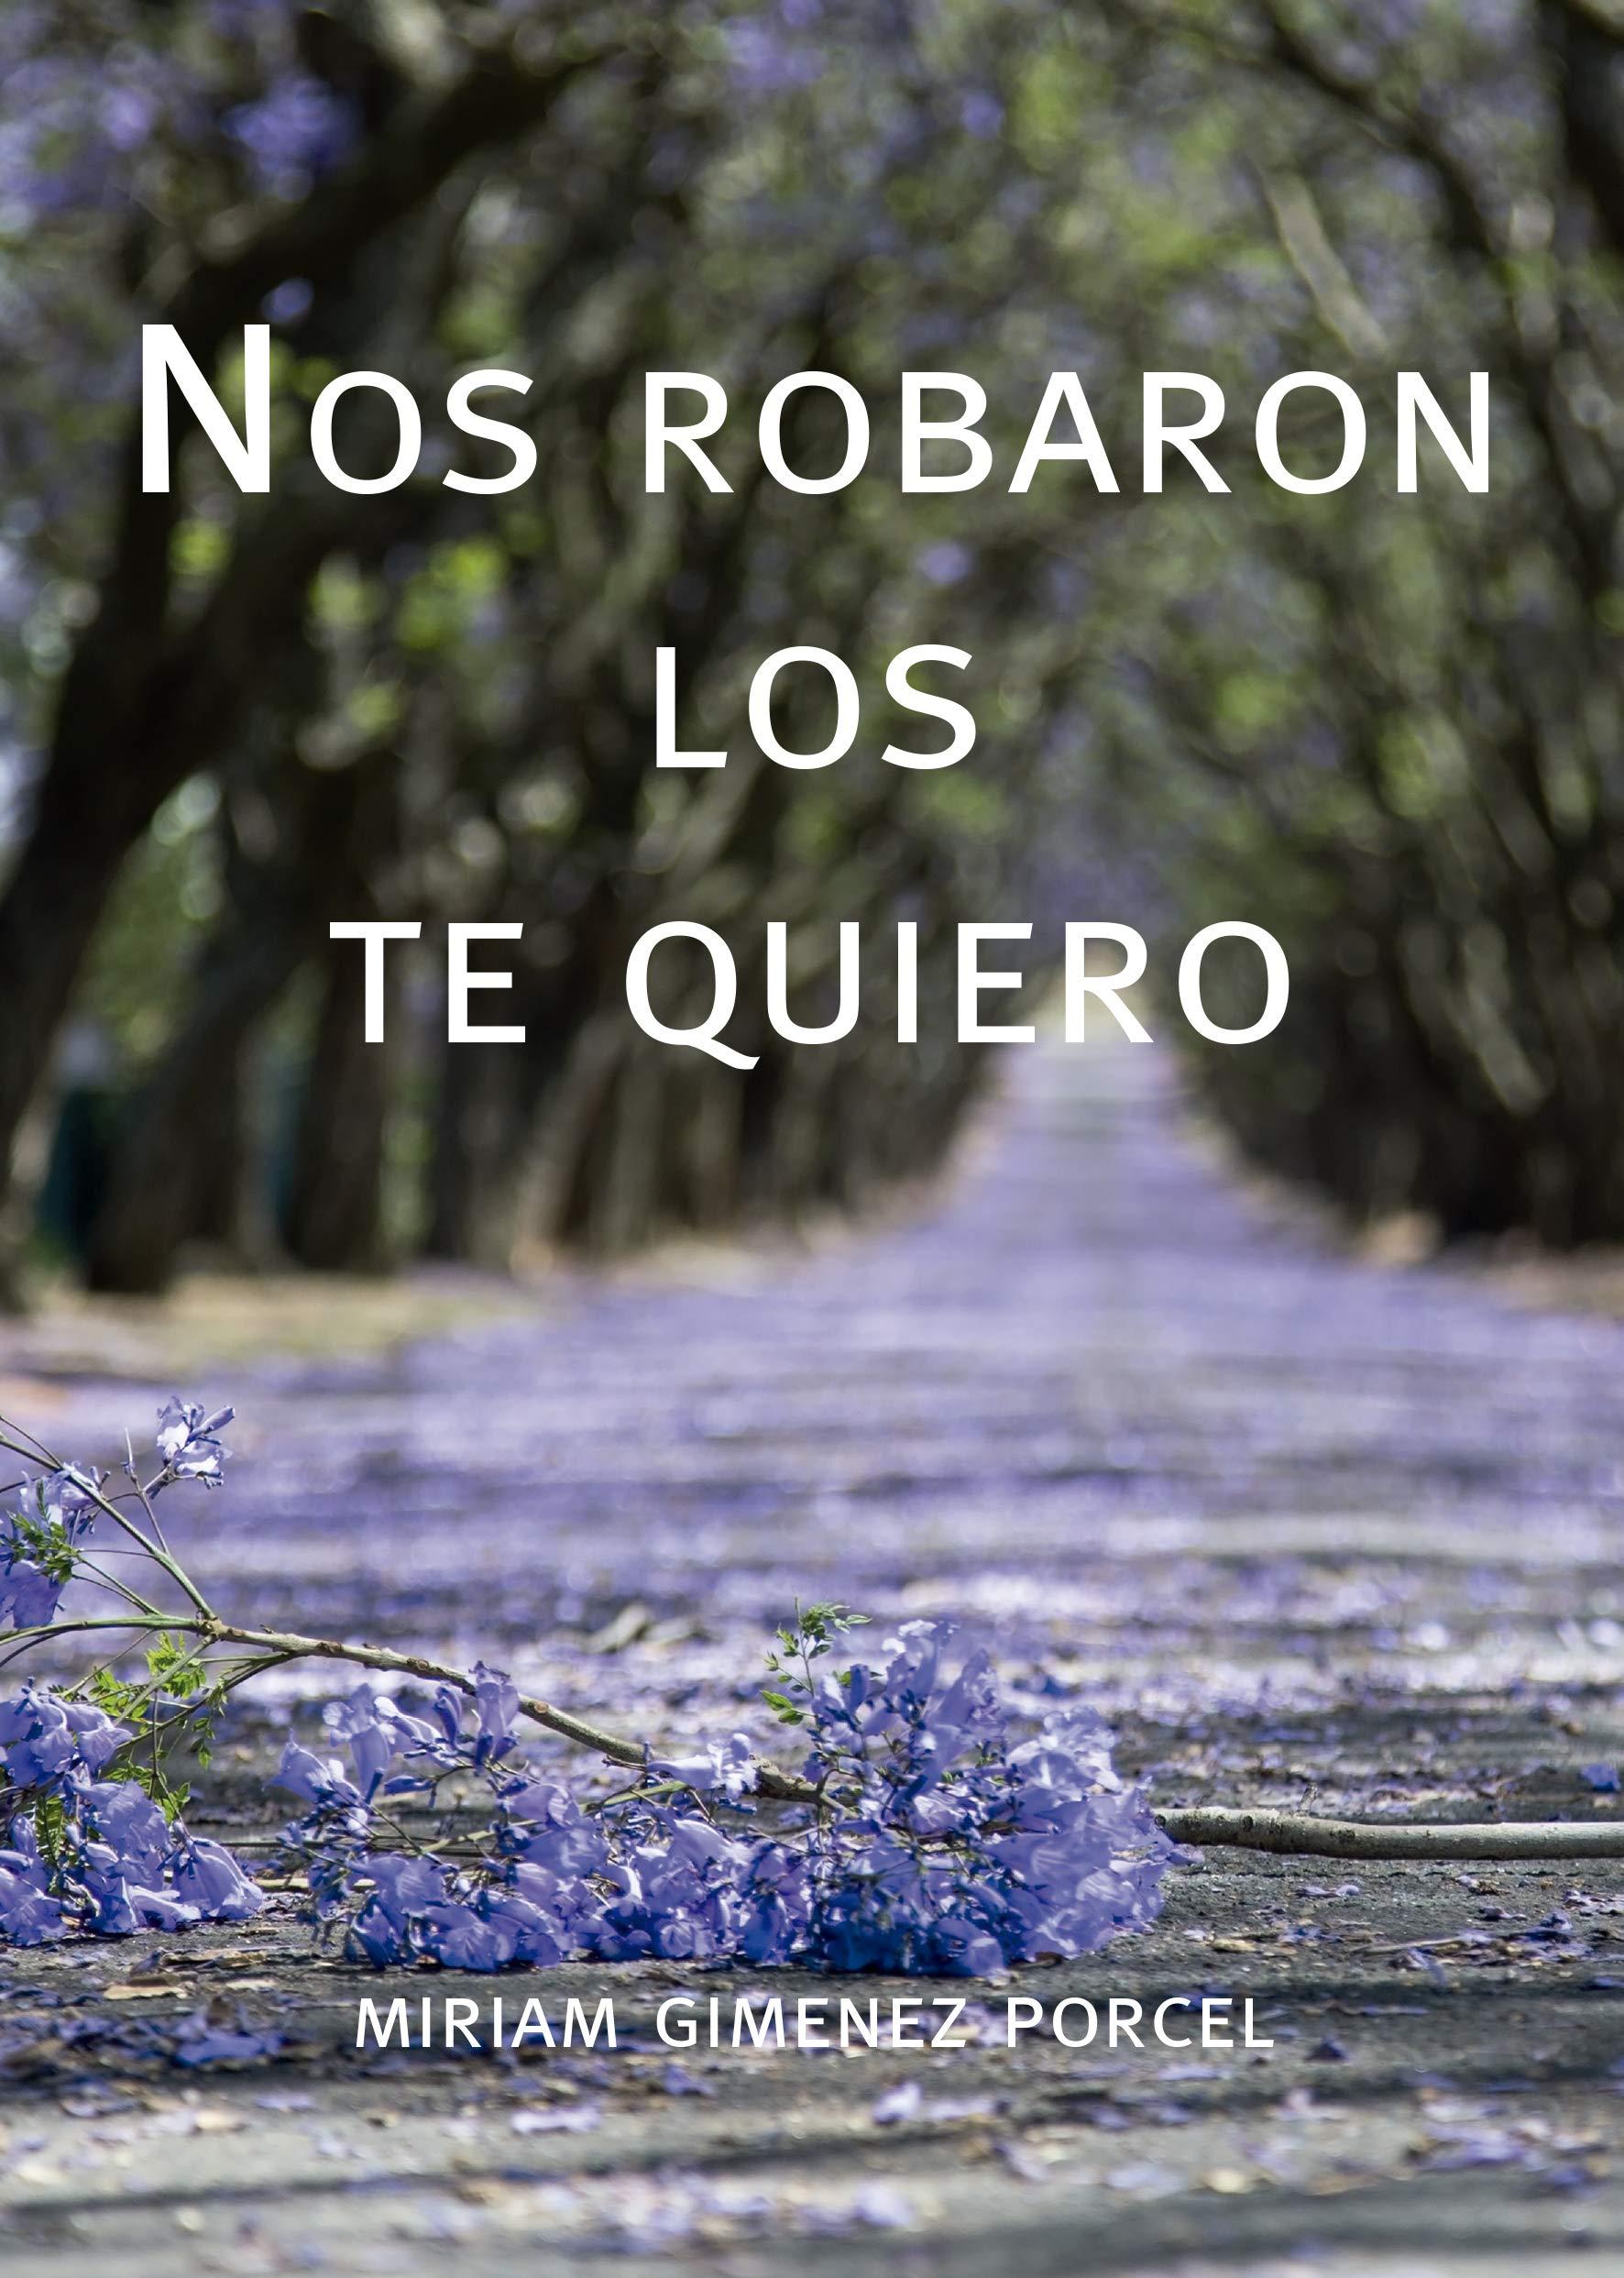 Nos robaron los te quiero de Miriam Giménez Porcel